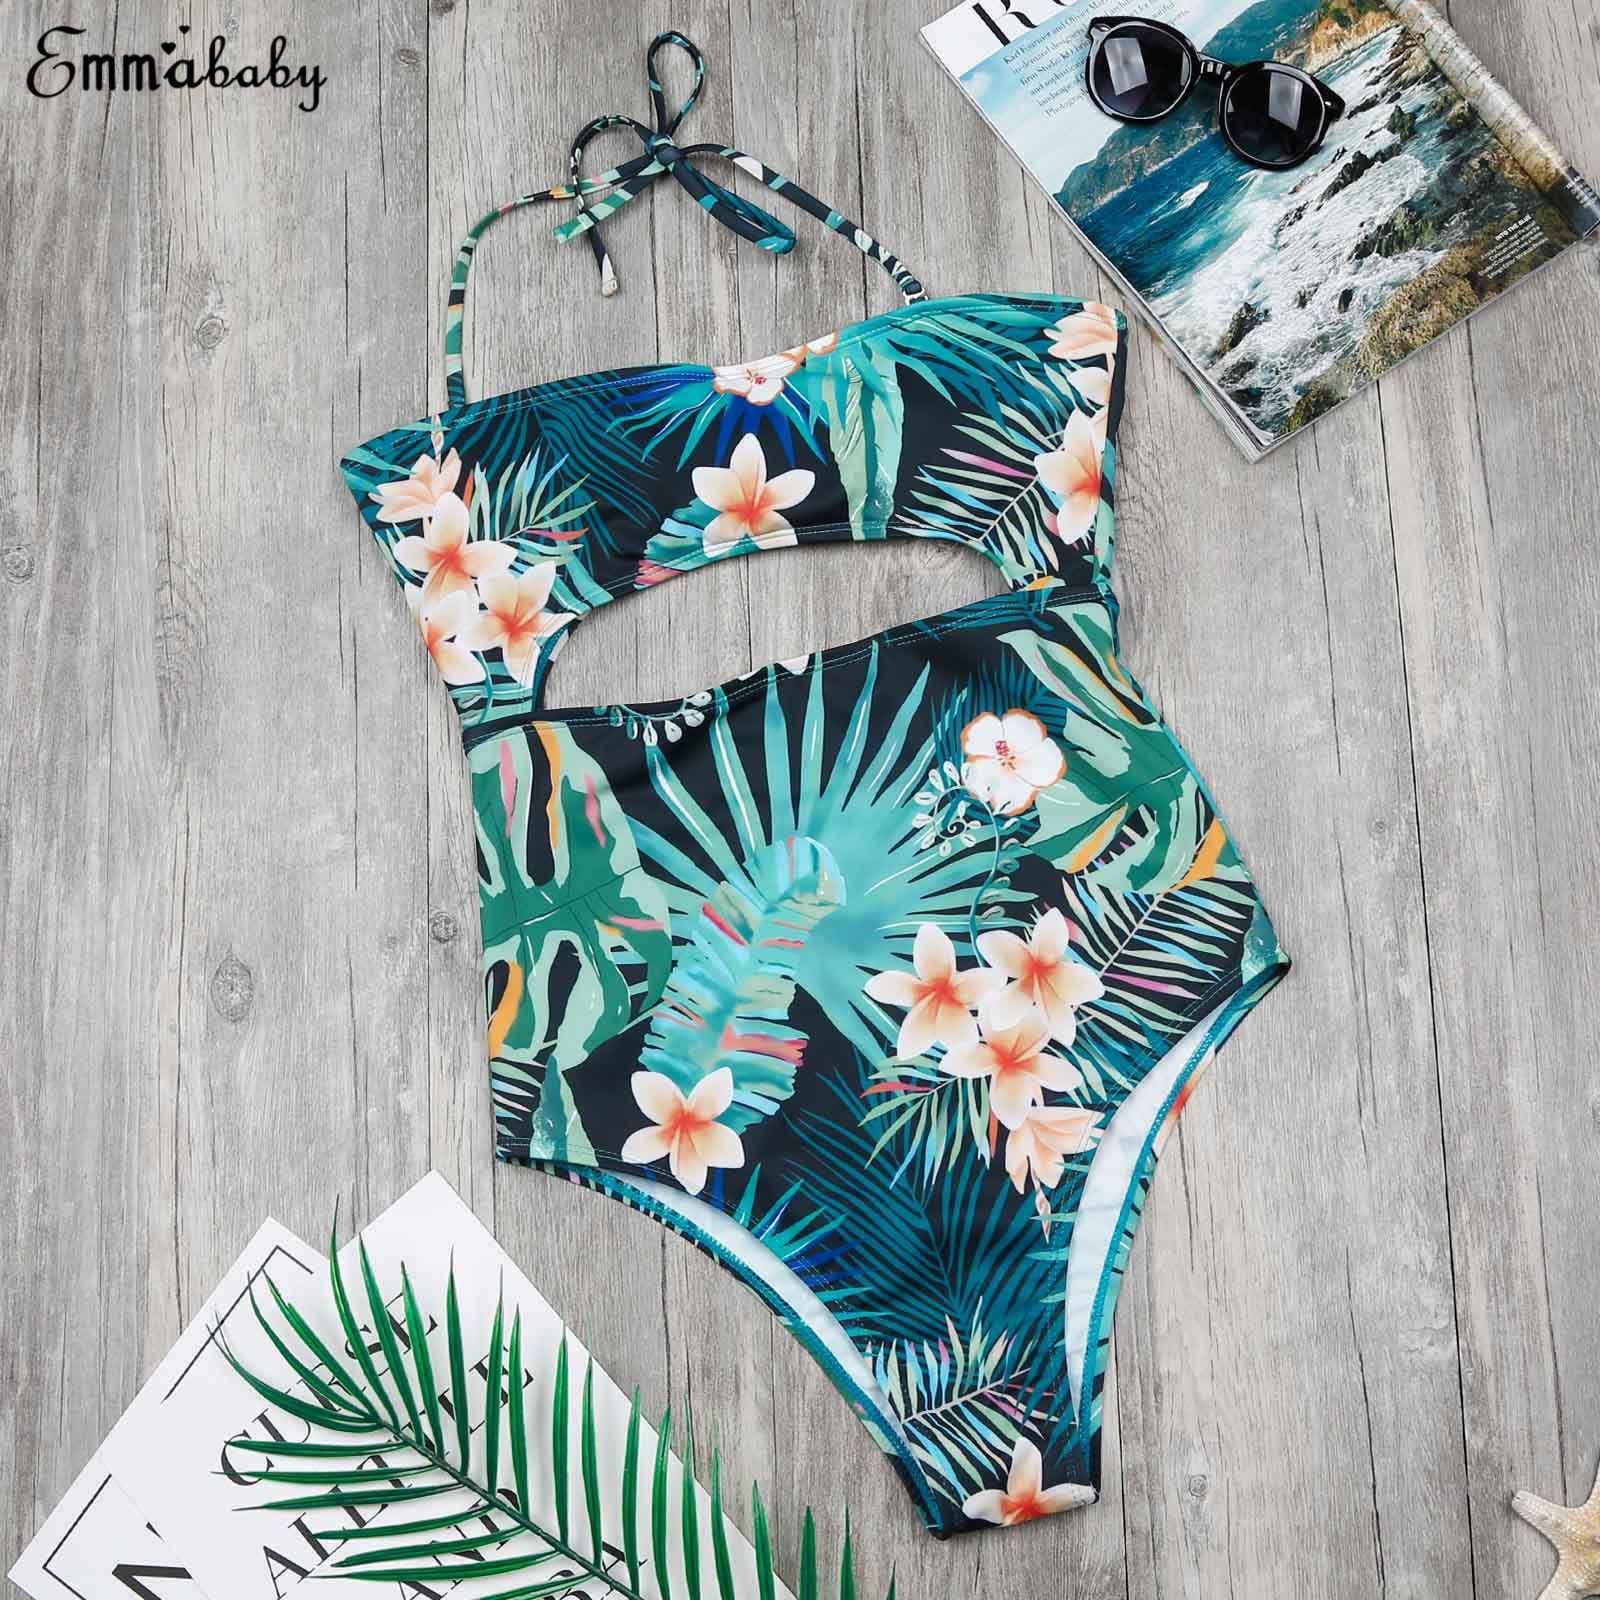 Keluarga Yang Sesuai dengan Anak Perempuan Bayi Gadis Floral Dicetak Bikini Satu Potong Pakaian Baju Renang Pakaian Renang Baju Renang Perban Beachwears